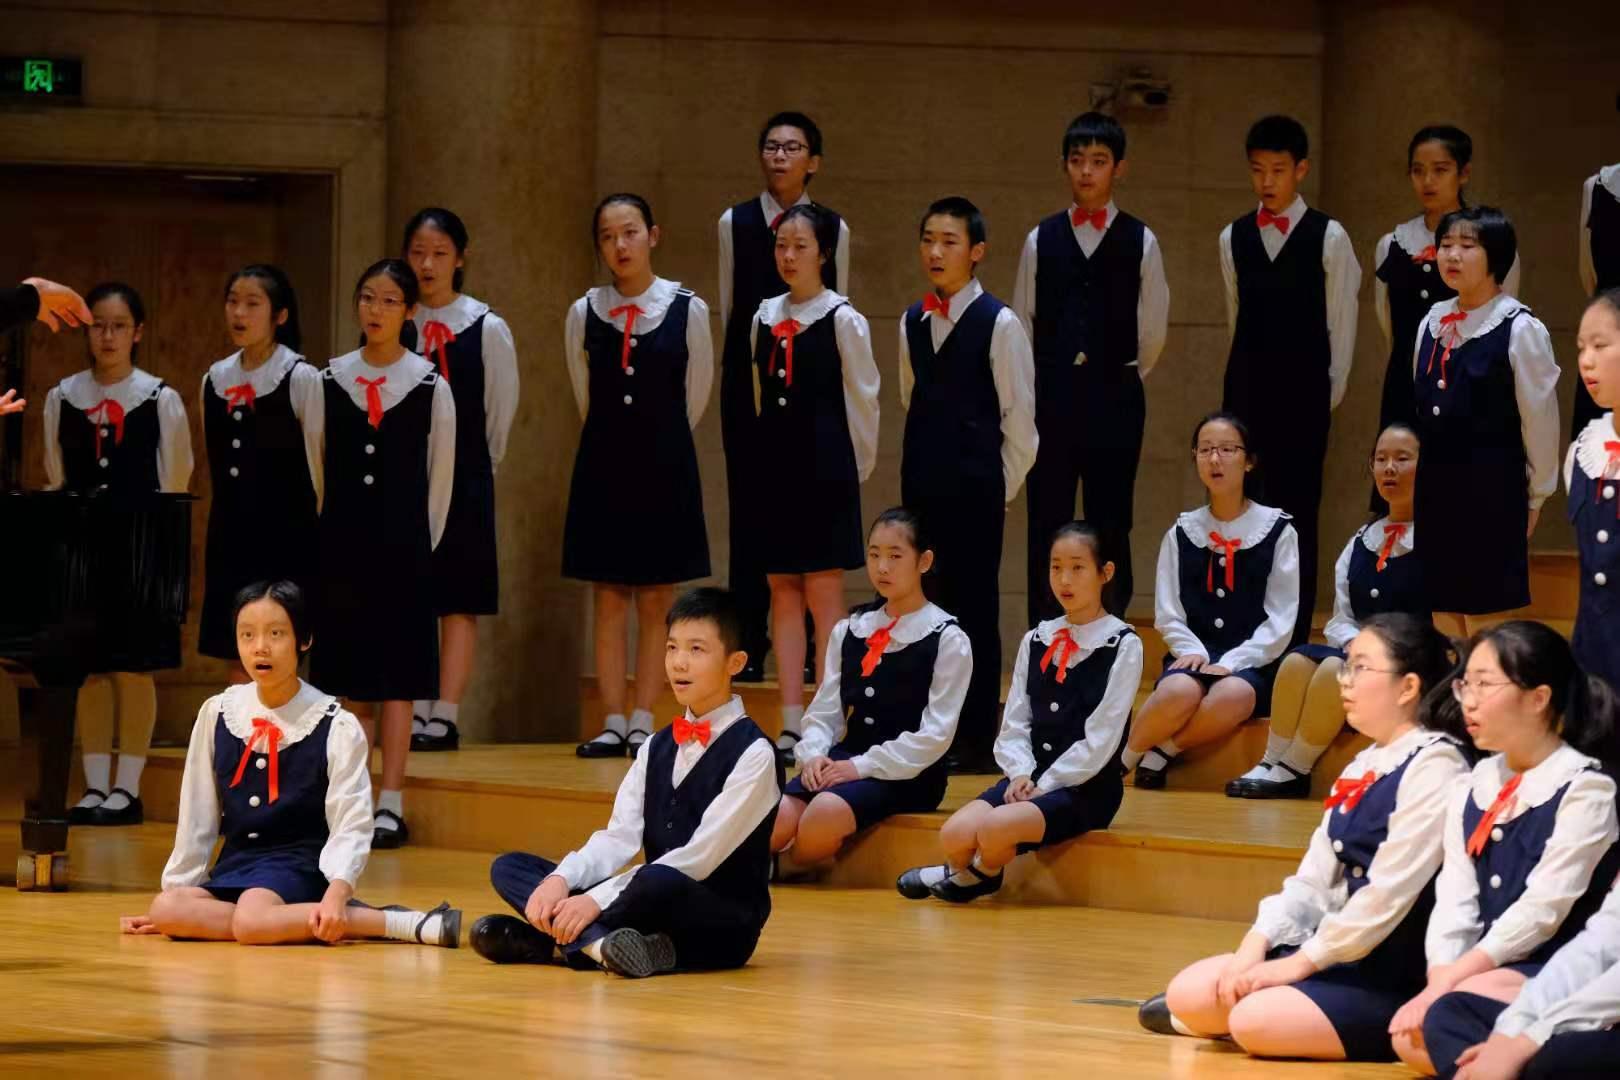 北京爱乐合唱团